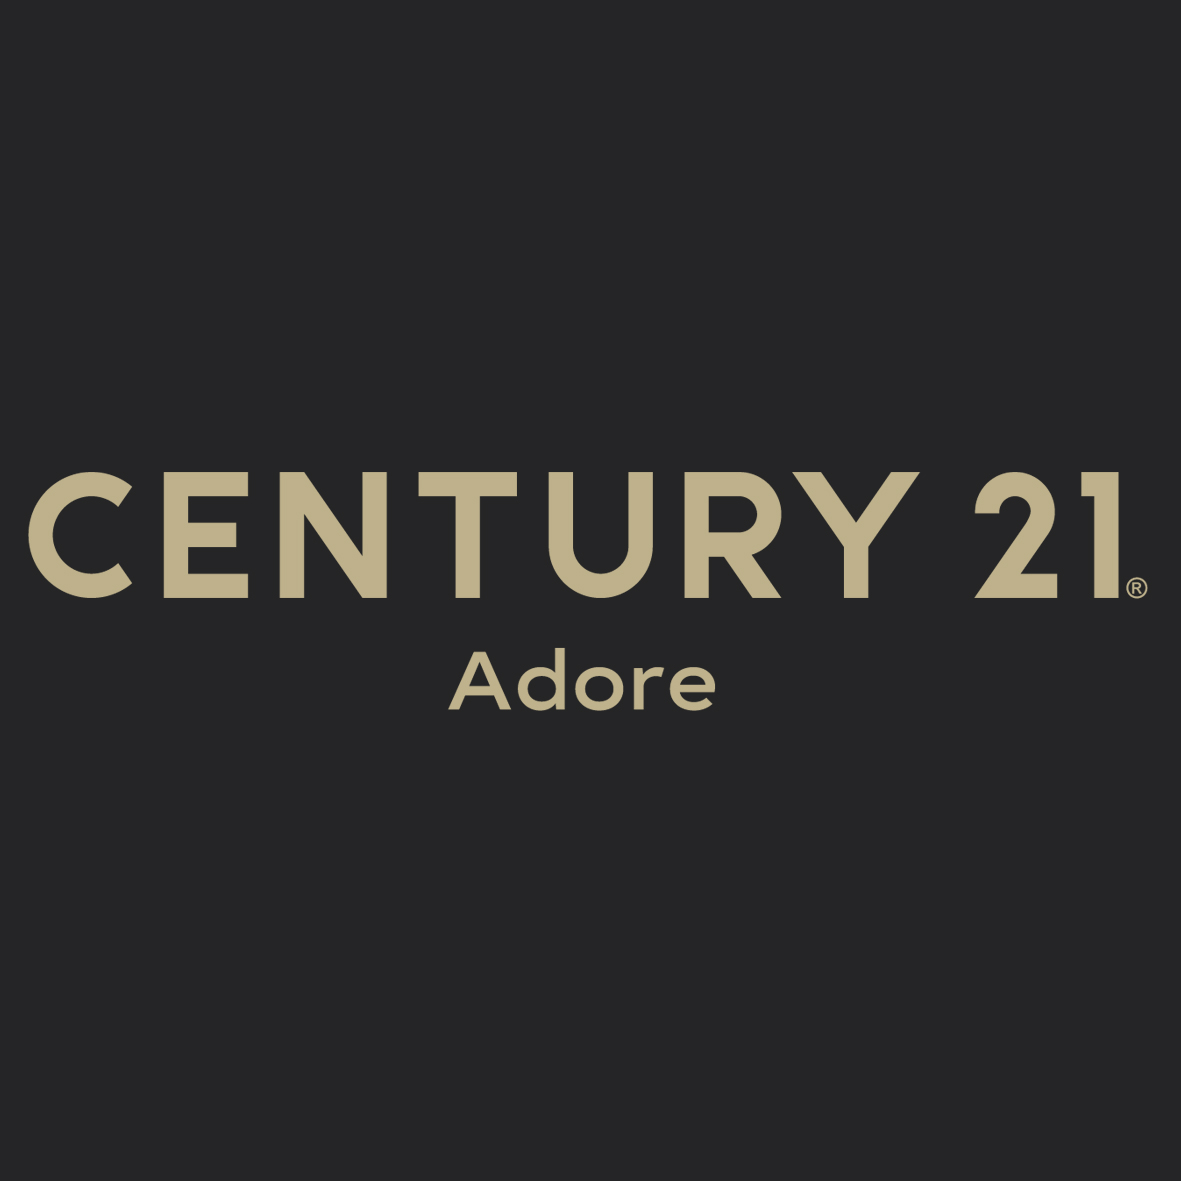 century21adore